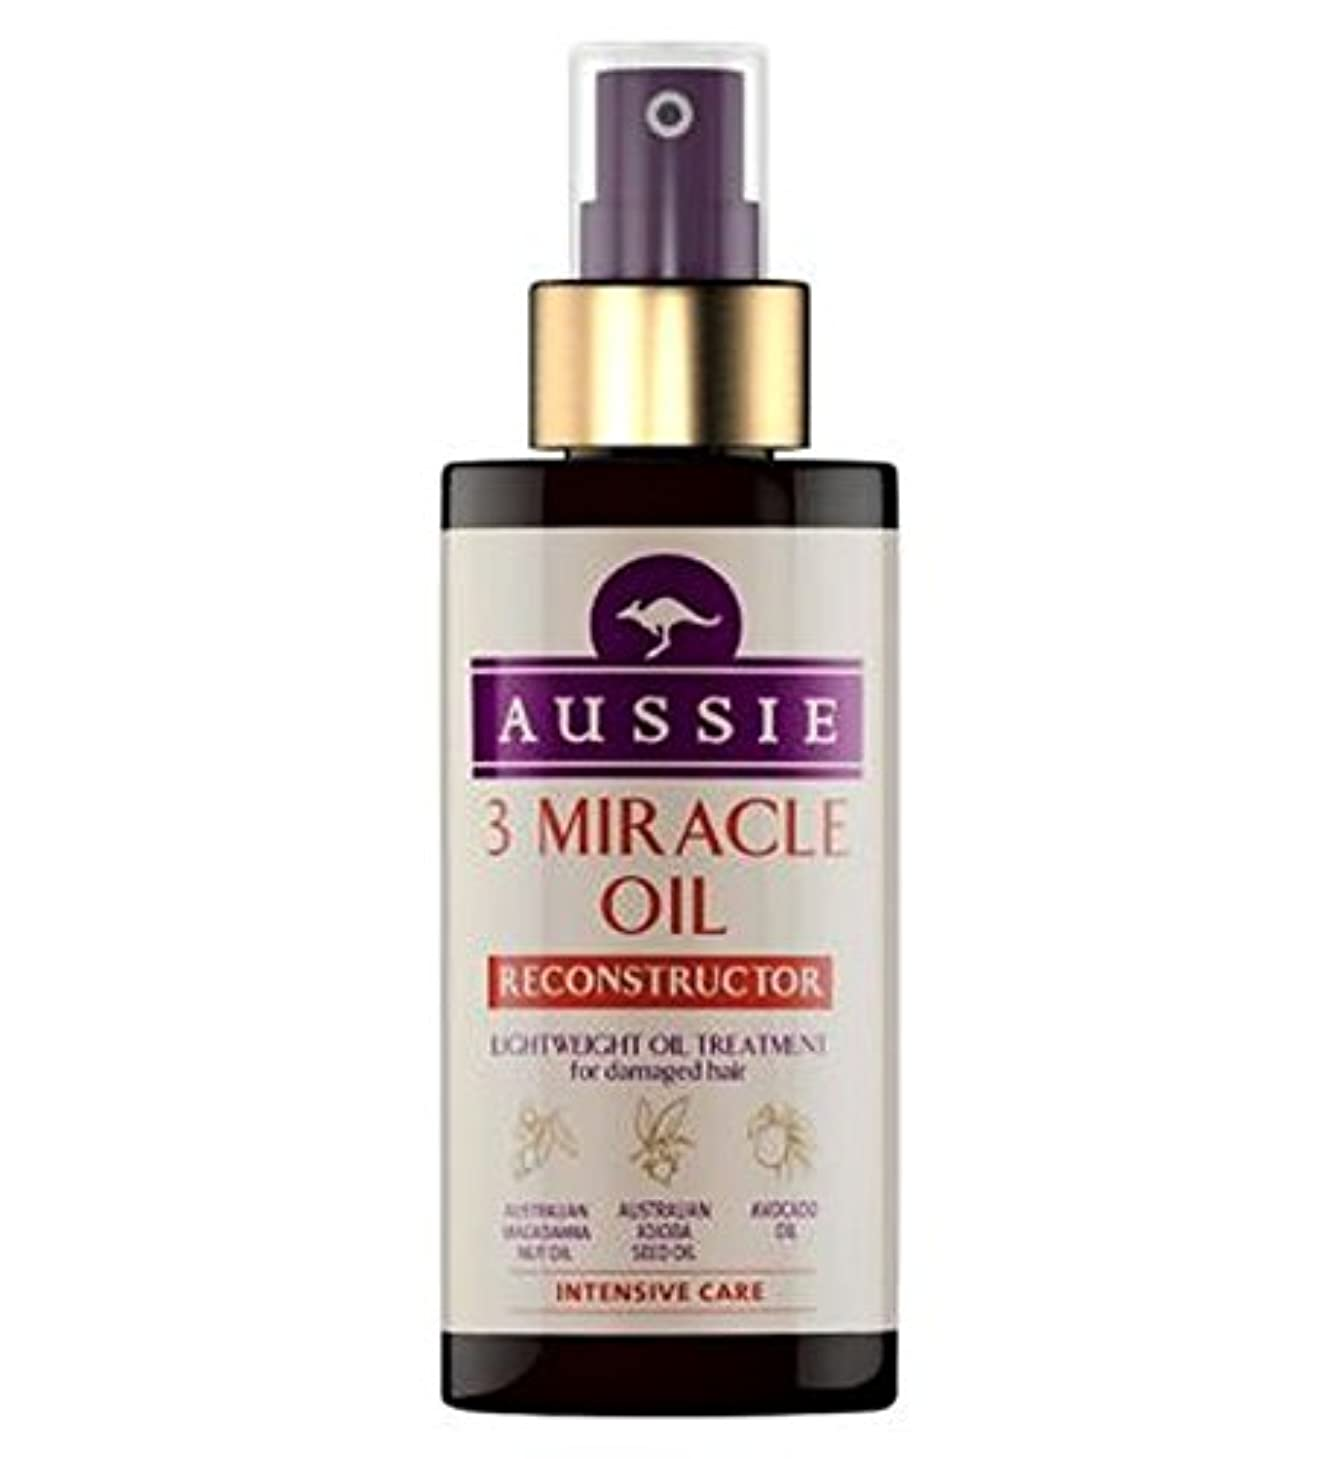 賠償つば大邸宅Aussie 3 Miracle Oil Reconstructor for Damaged Hair 100ml - 傷んだ髪の100ミリリットルのためのオージー3奇跡のオイル再構成 (Aussie) [並行輸入品]